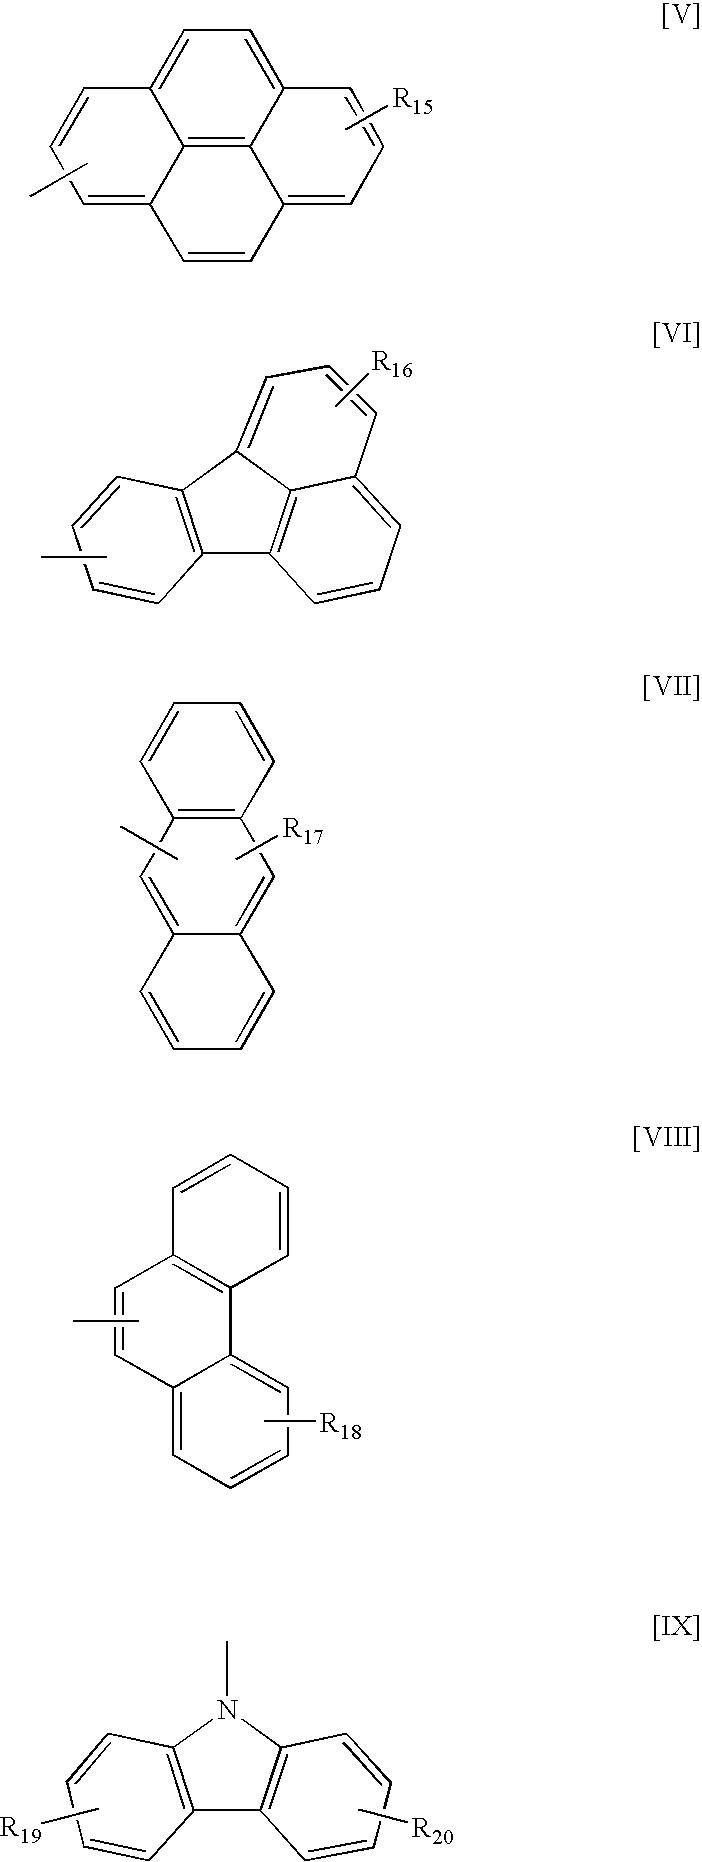 Figure US20060134425A1-20060622-C00049